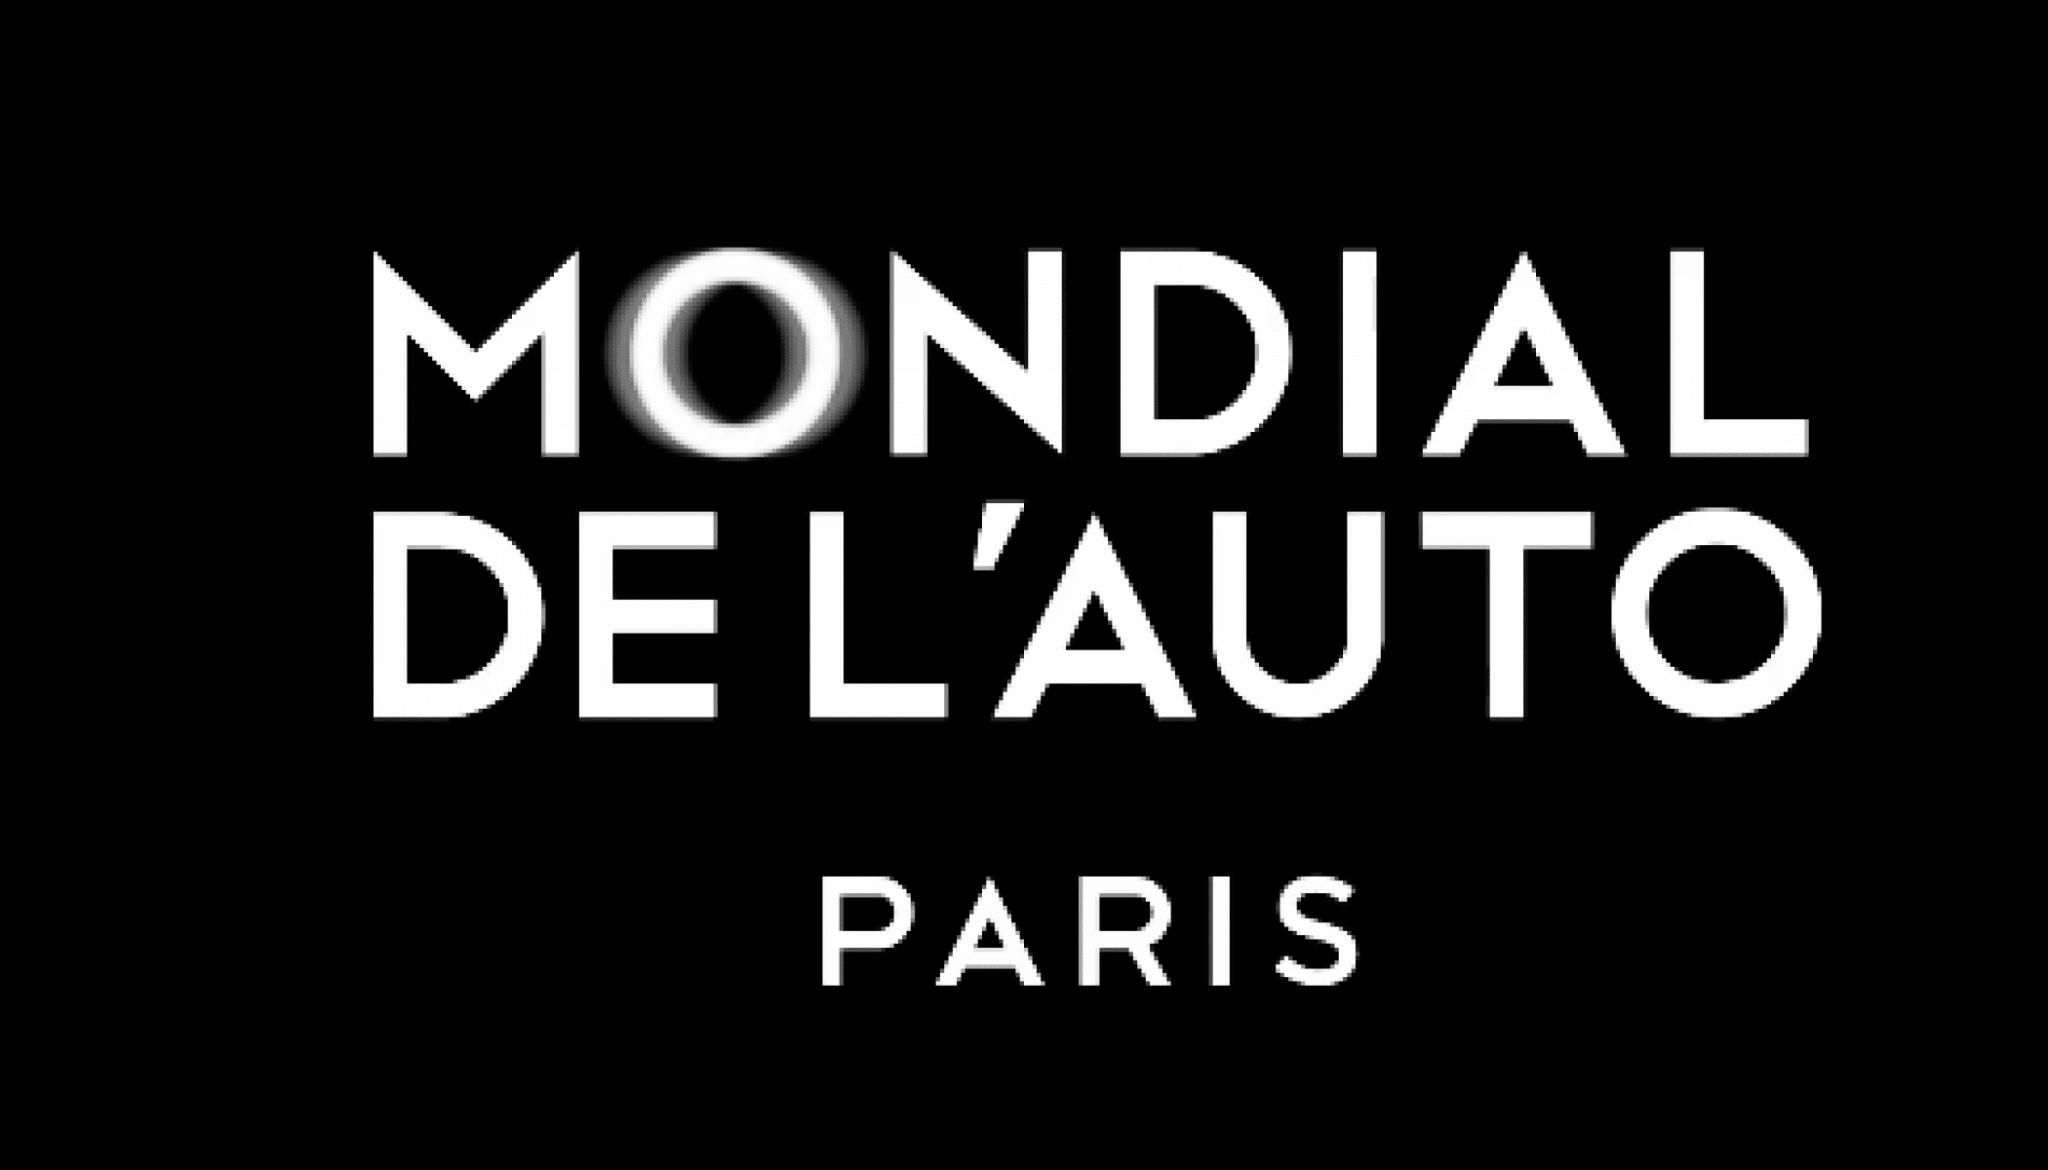 Le Mondial de l'Auto (2020) à Paris est annulé